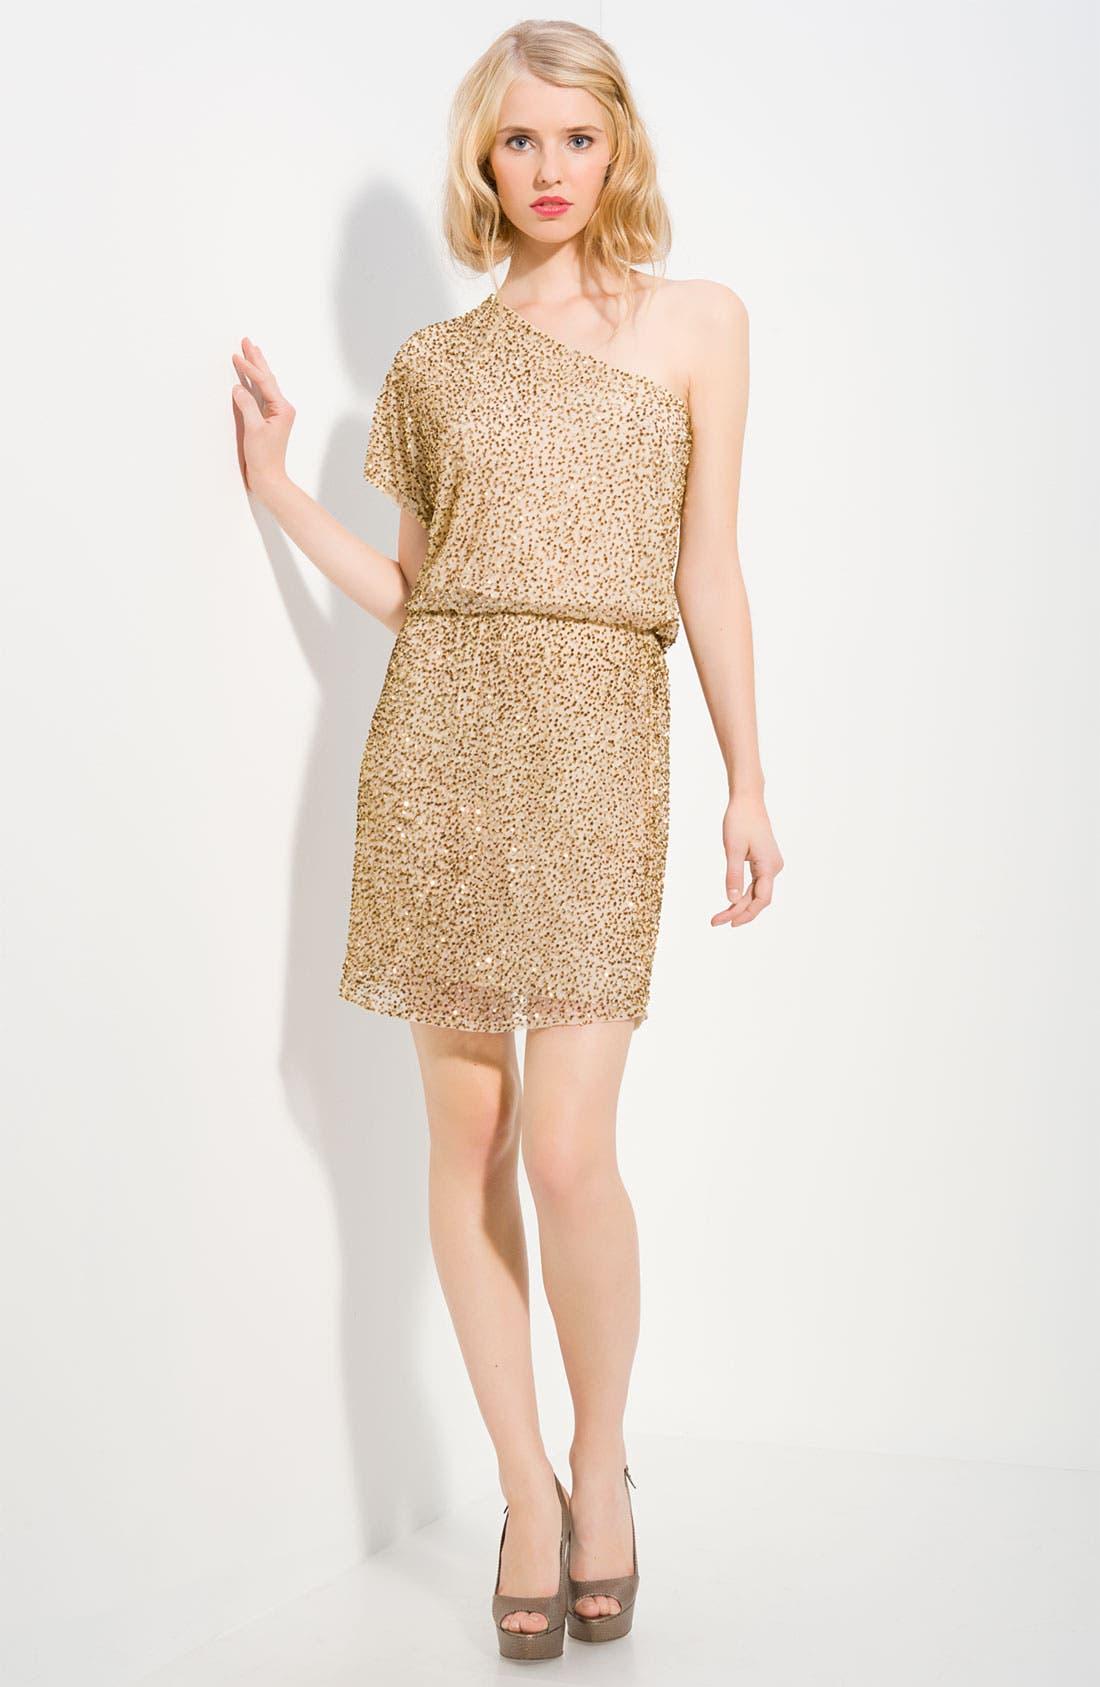 Alternate Image 1 Selected - Alice + Olivia Embellished One Shoulder Dress